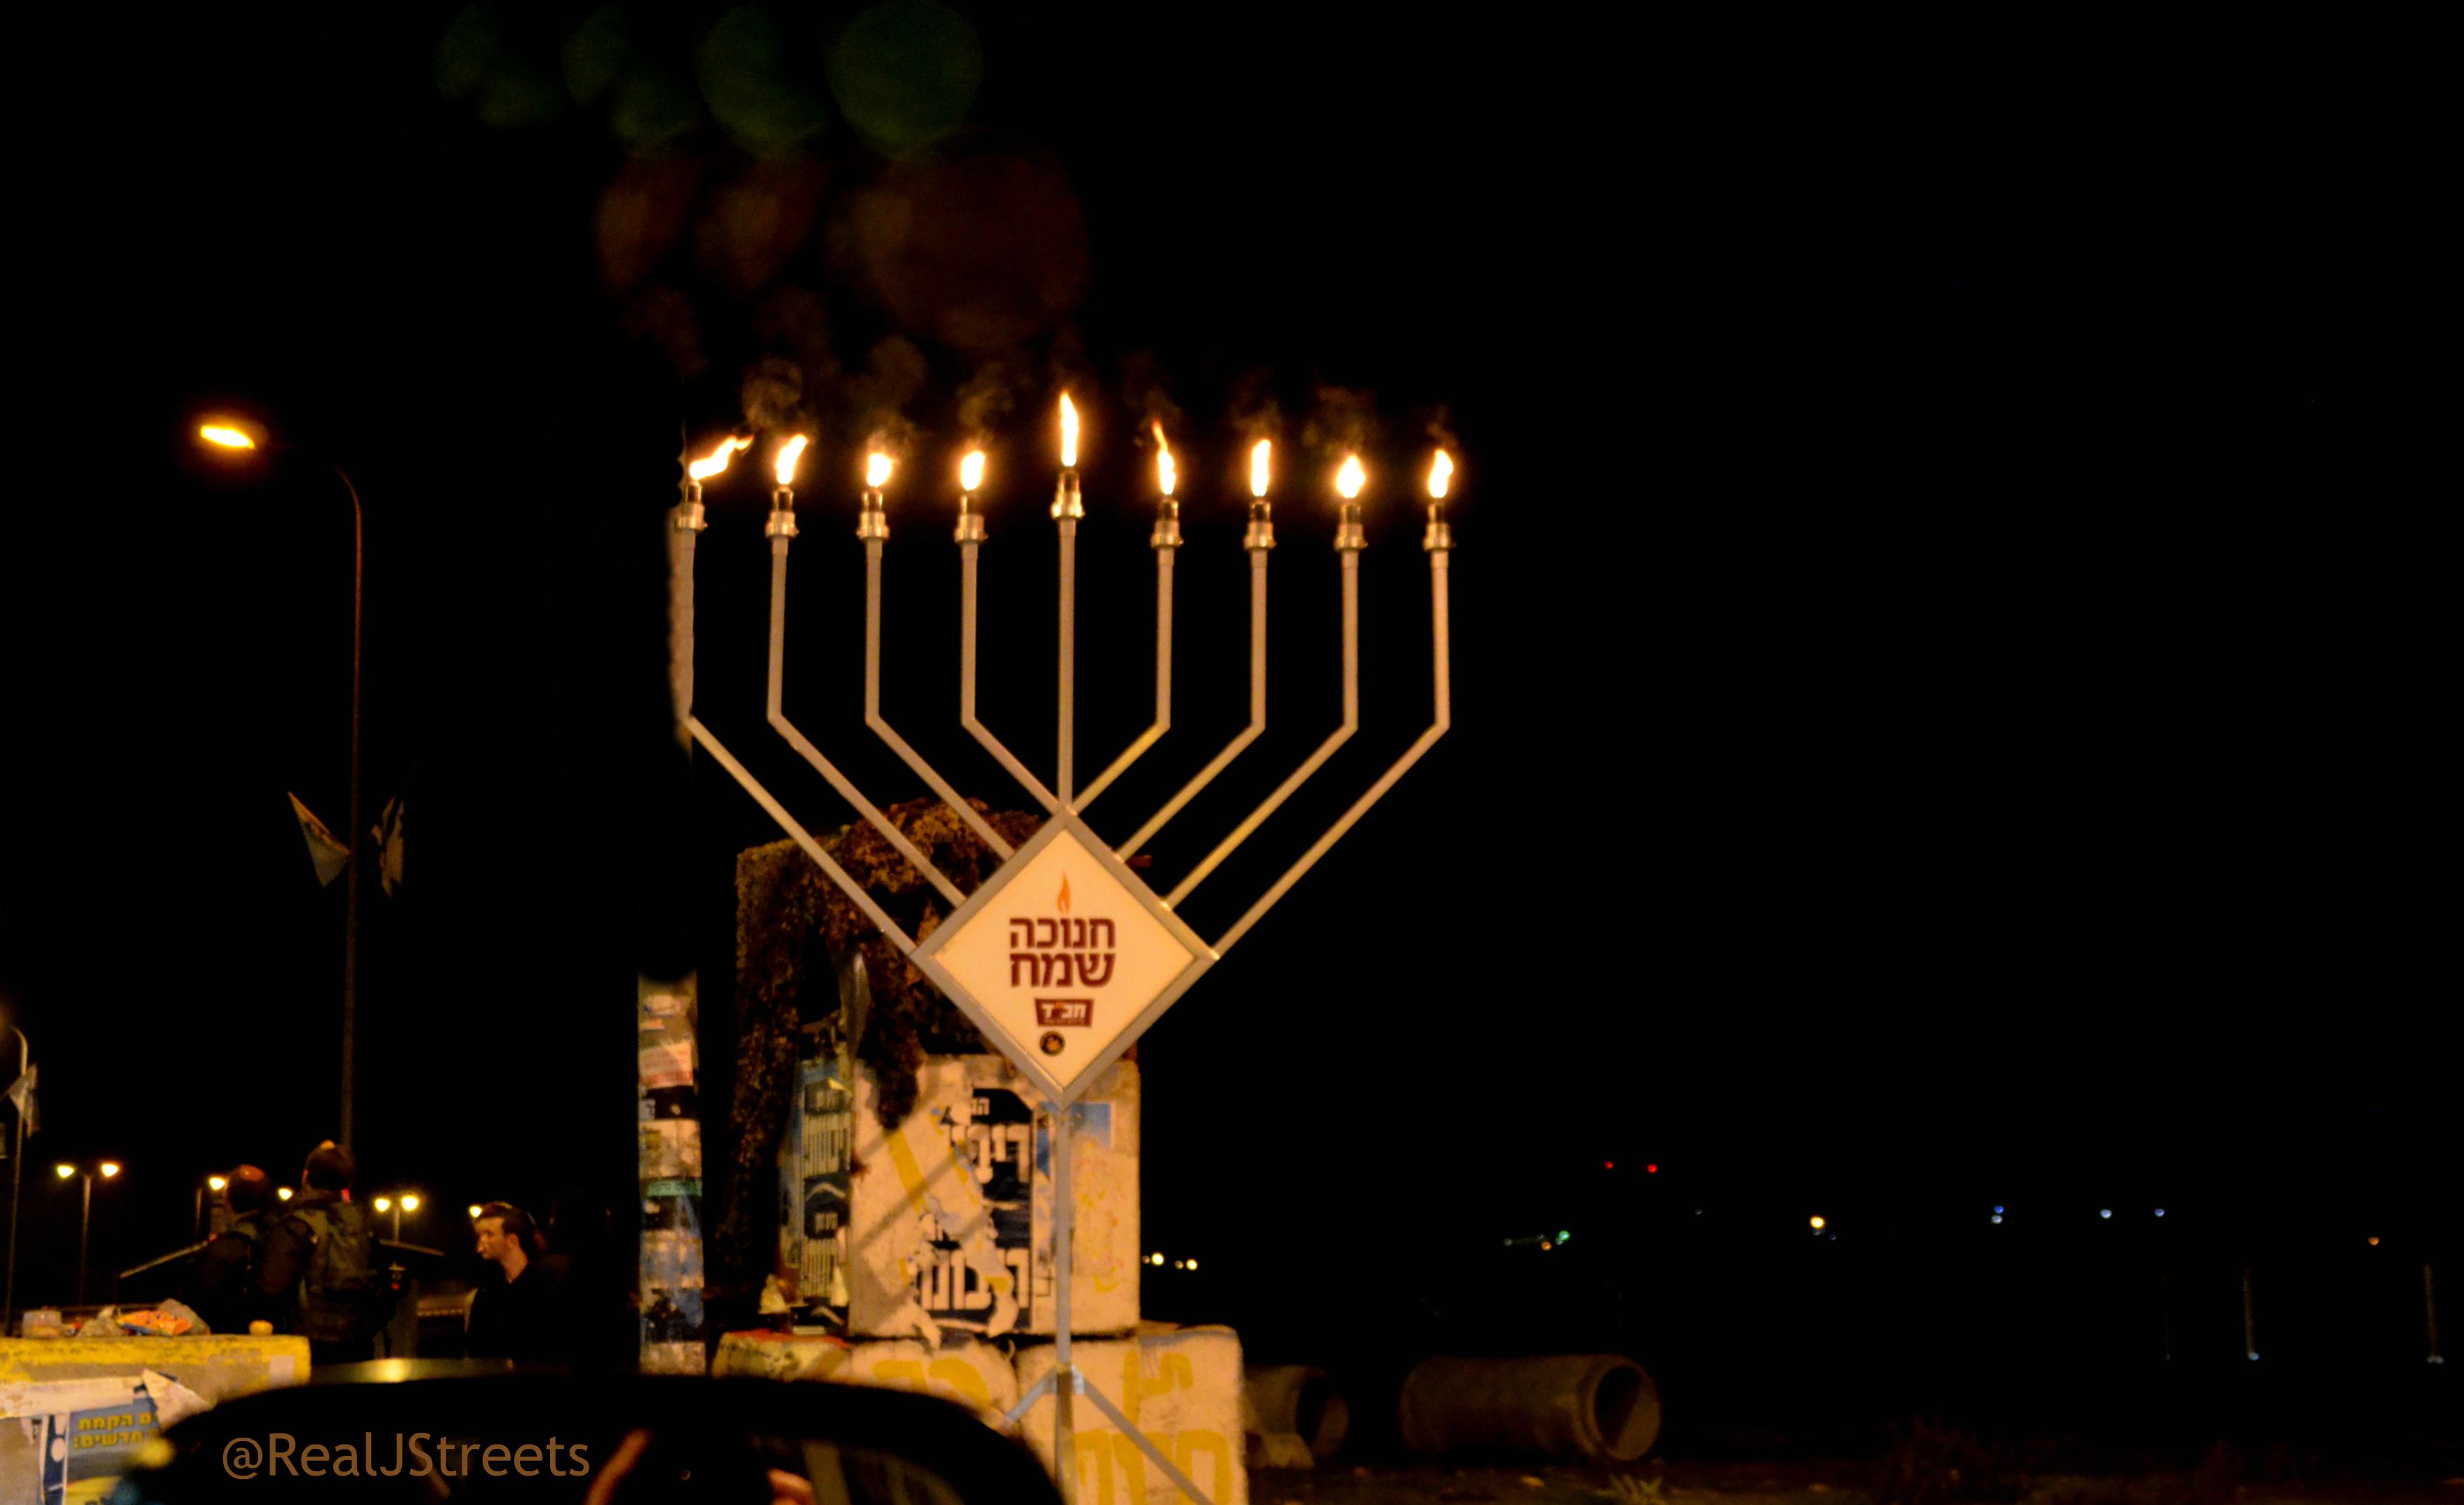 Gush Chabad chanukia